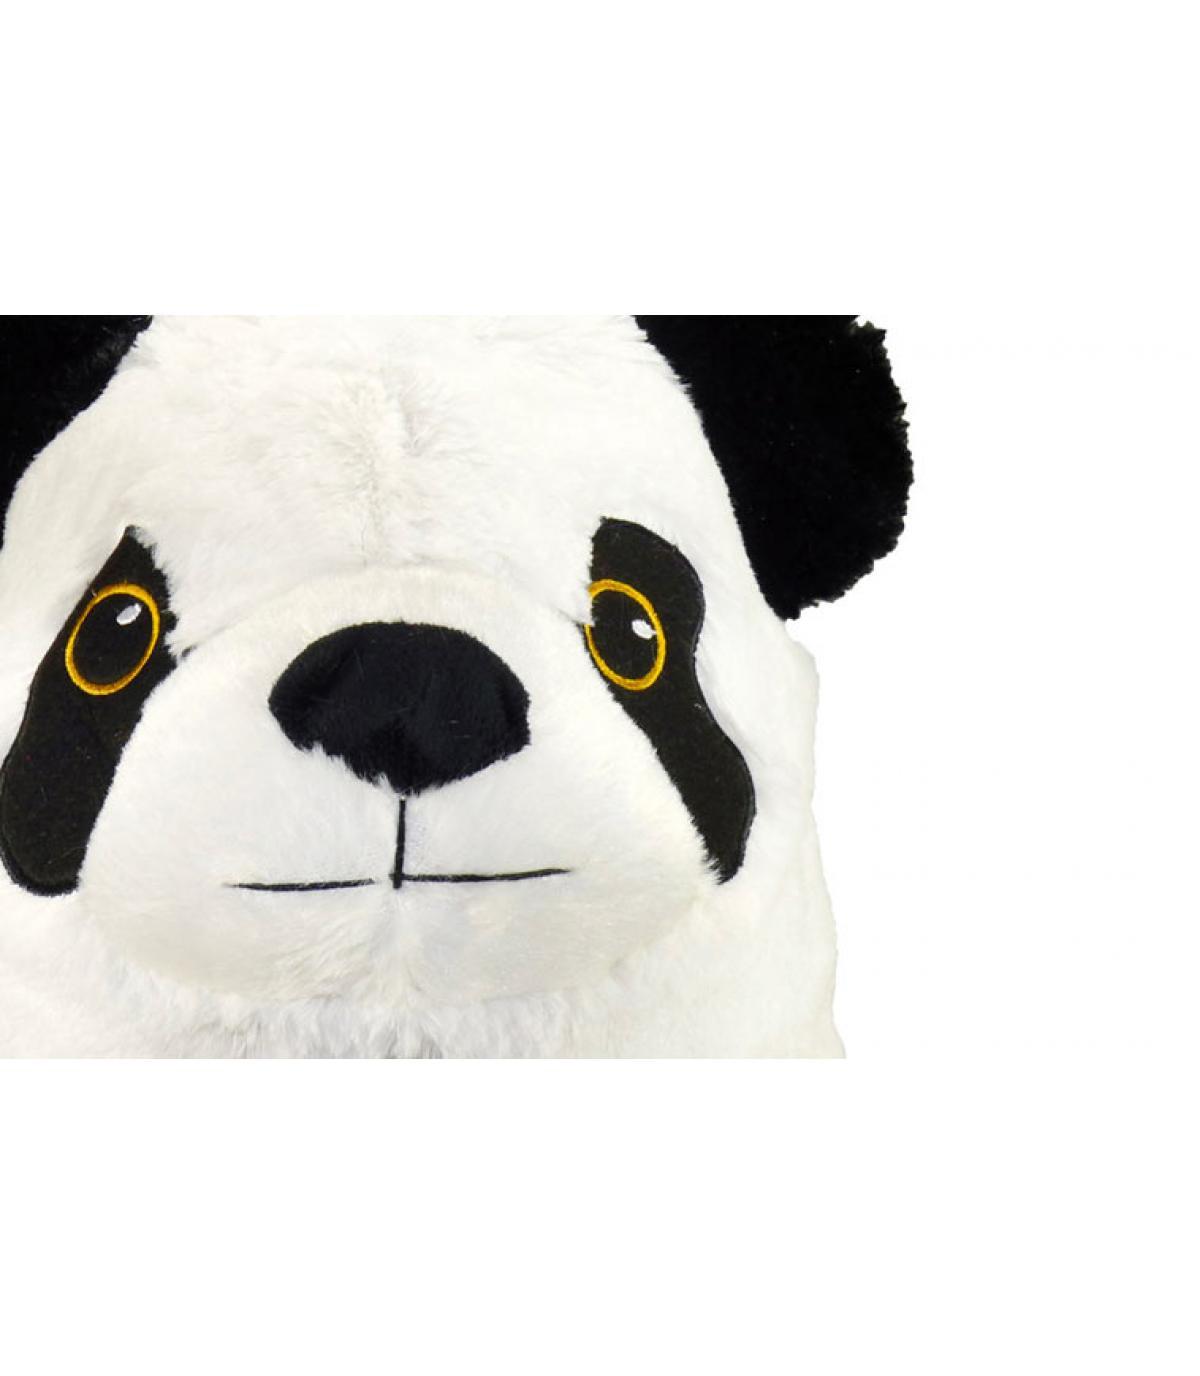 Details Monster Panda kids - Abbildung 3